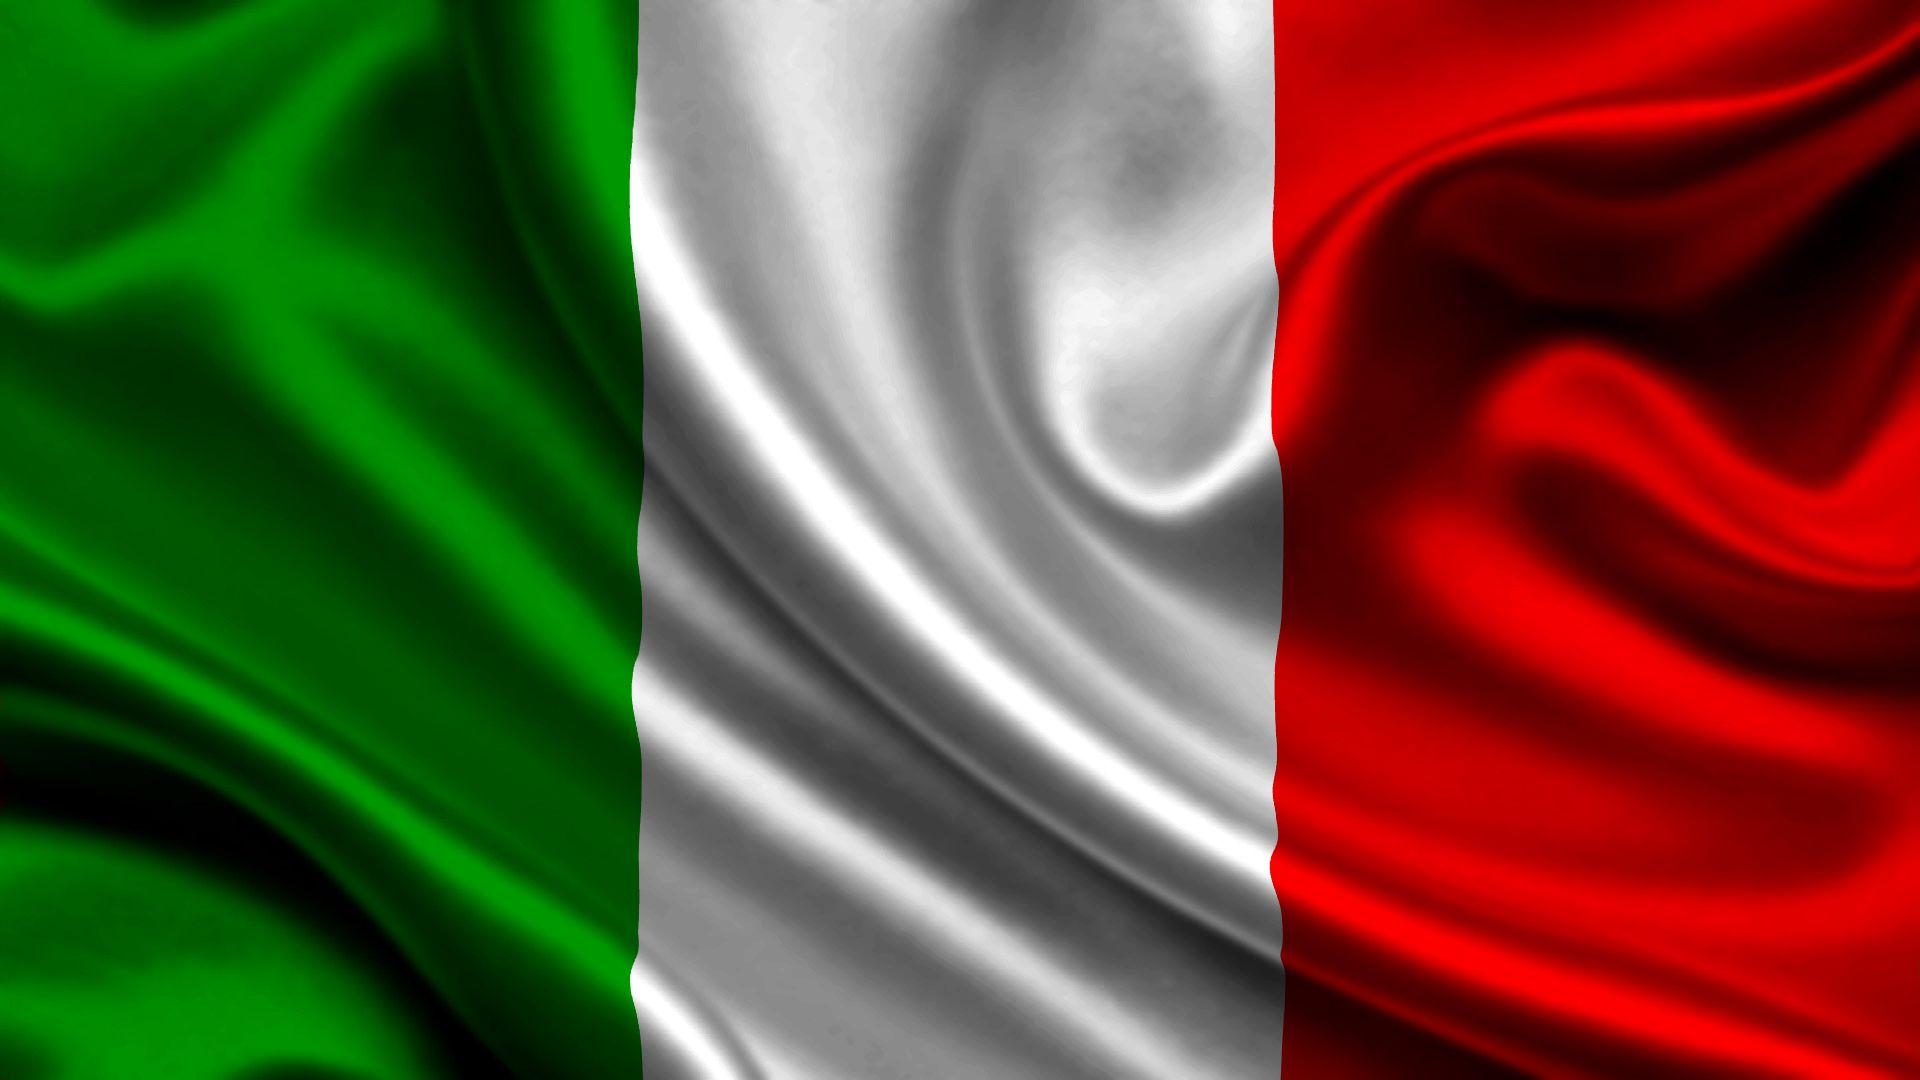 Bandera 0019 Italy Flag 20130202 1331223341 Jpg 1920 1080 Com Imagens Bandeira Da Franca Bandeira Italia Bandeira De Cada Pais